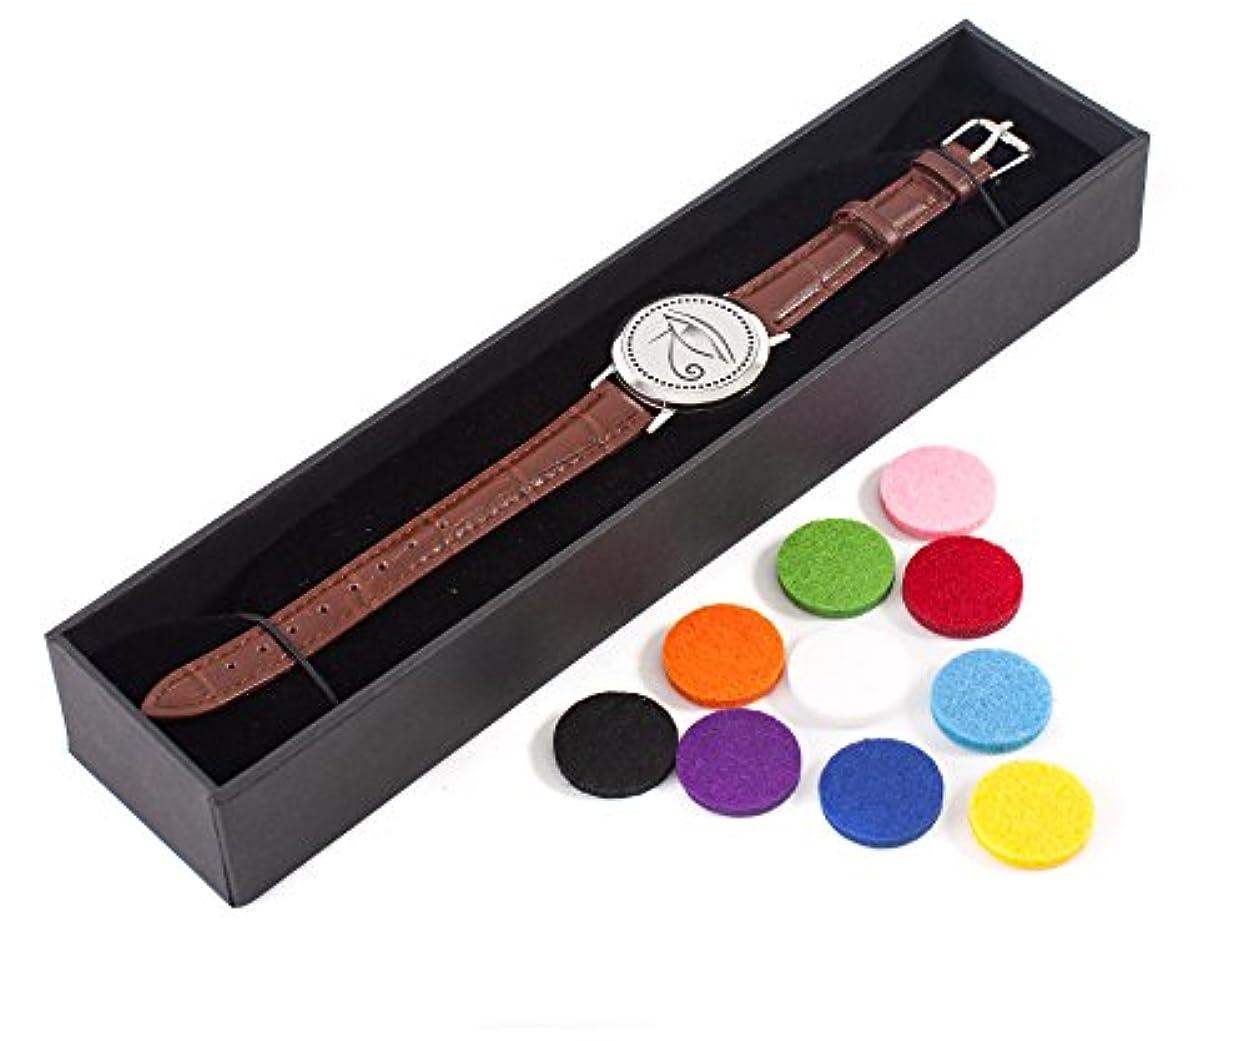 議論するスリップシューズハリウッドMystic Moments | Eye of Horus | Aromatherapy Oil Diffuser Bracelet with Adjustable Brown Leather Strap